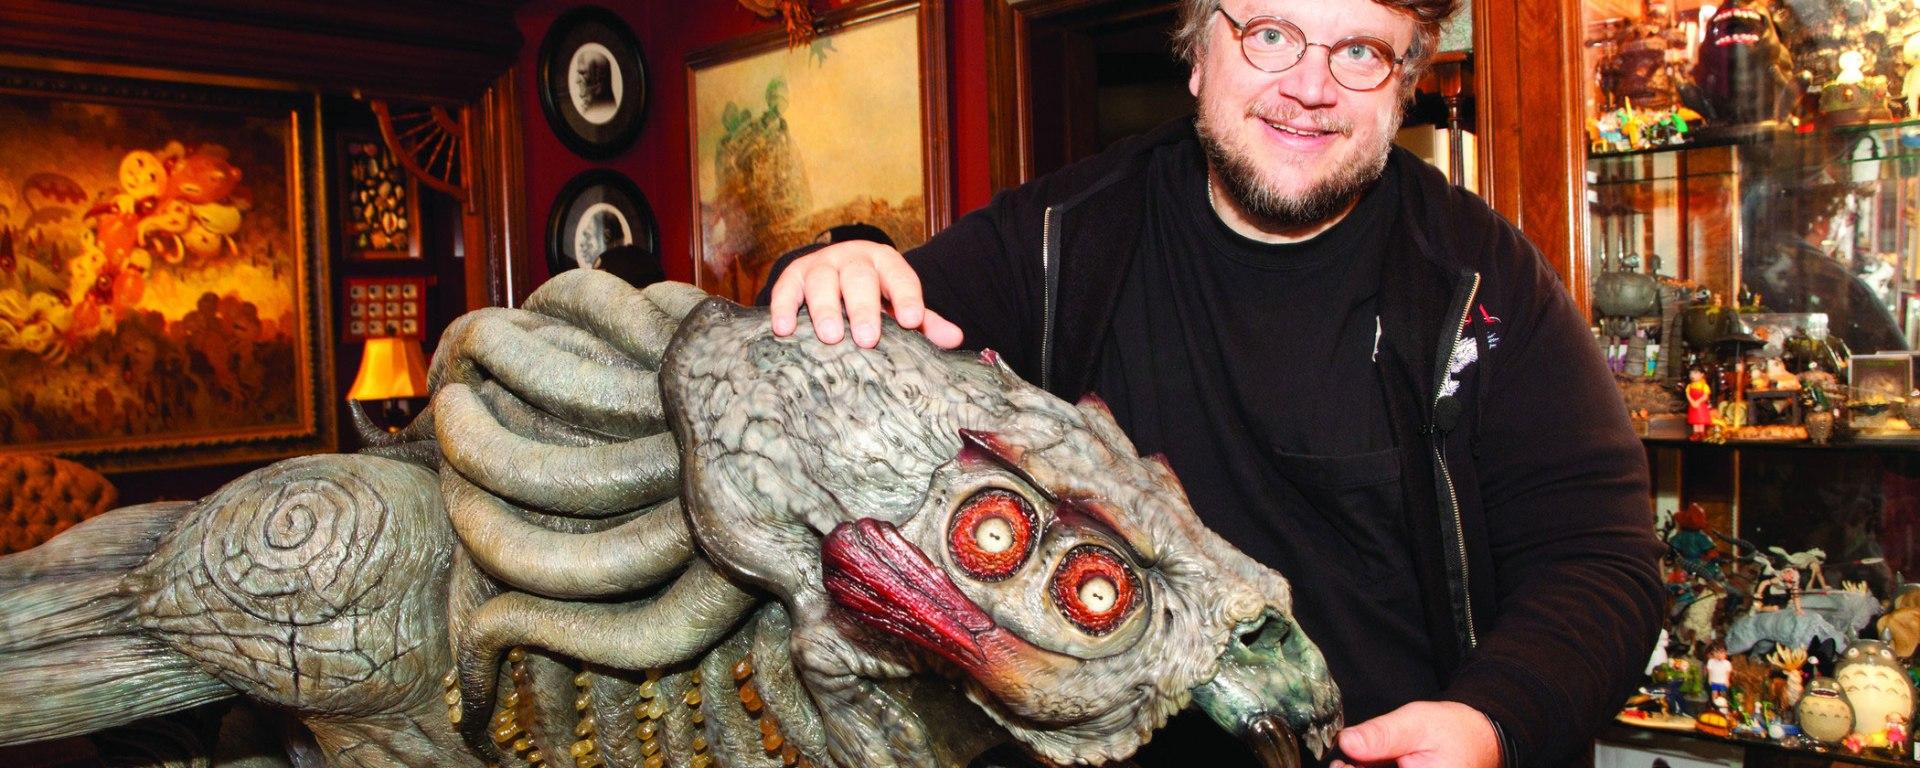 exposición de Del Toro en la CDMX